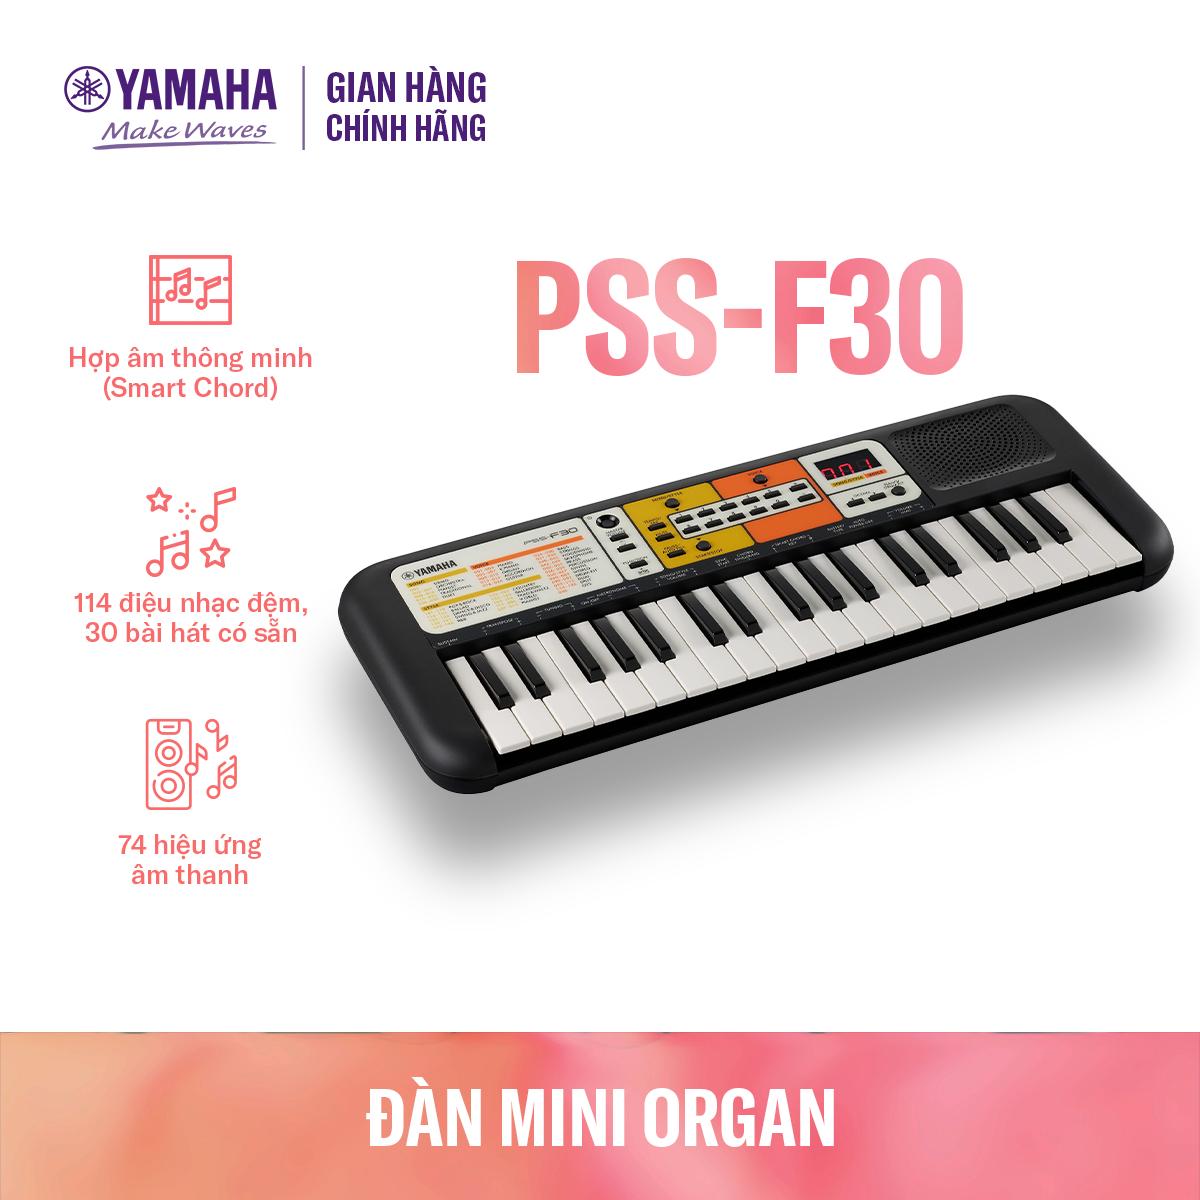 Đàn organ điện tử Yamaha cho trẻ em PSS-F30 – Bàn phím mini – 120 Tiếng nhạc – 114 điệu nhạc đệm – Giắc cắm loa và tai nghe tích hợp – Bảo hành chính hãng 12 tháng